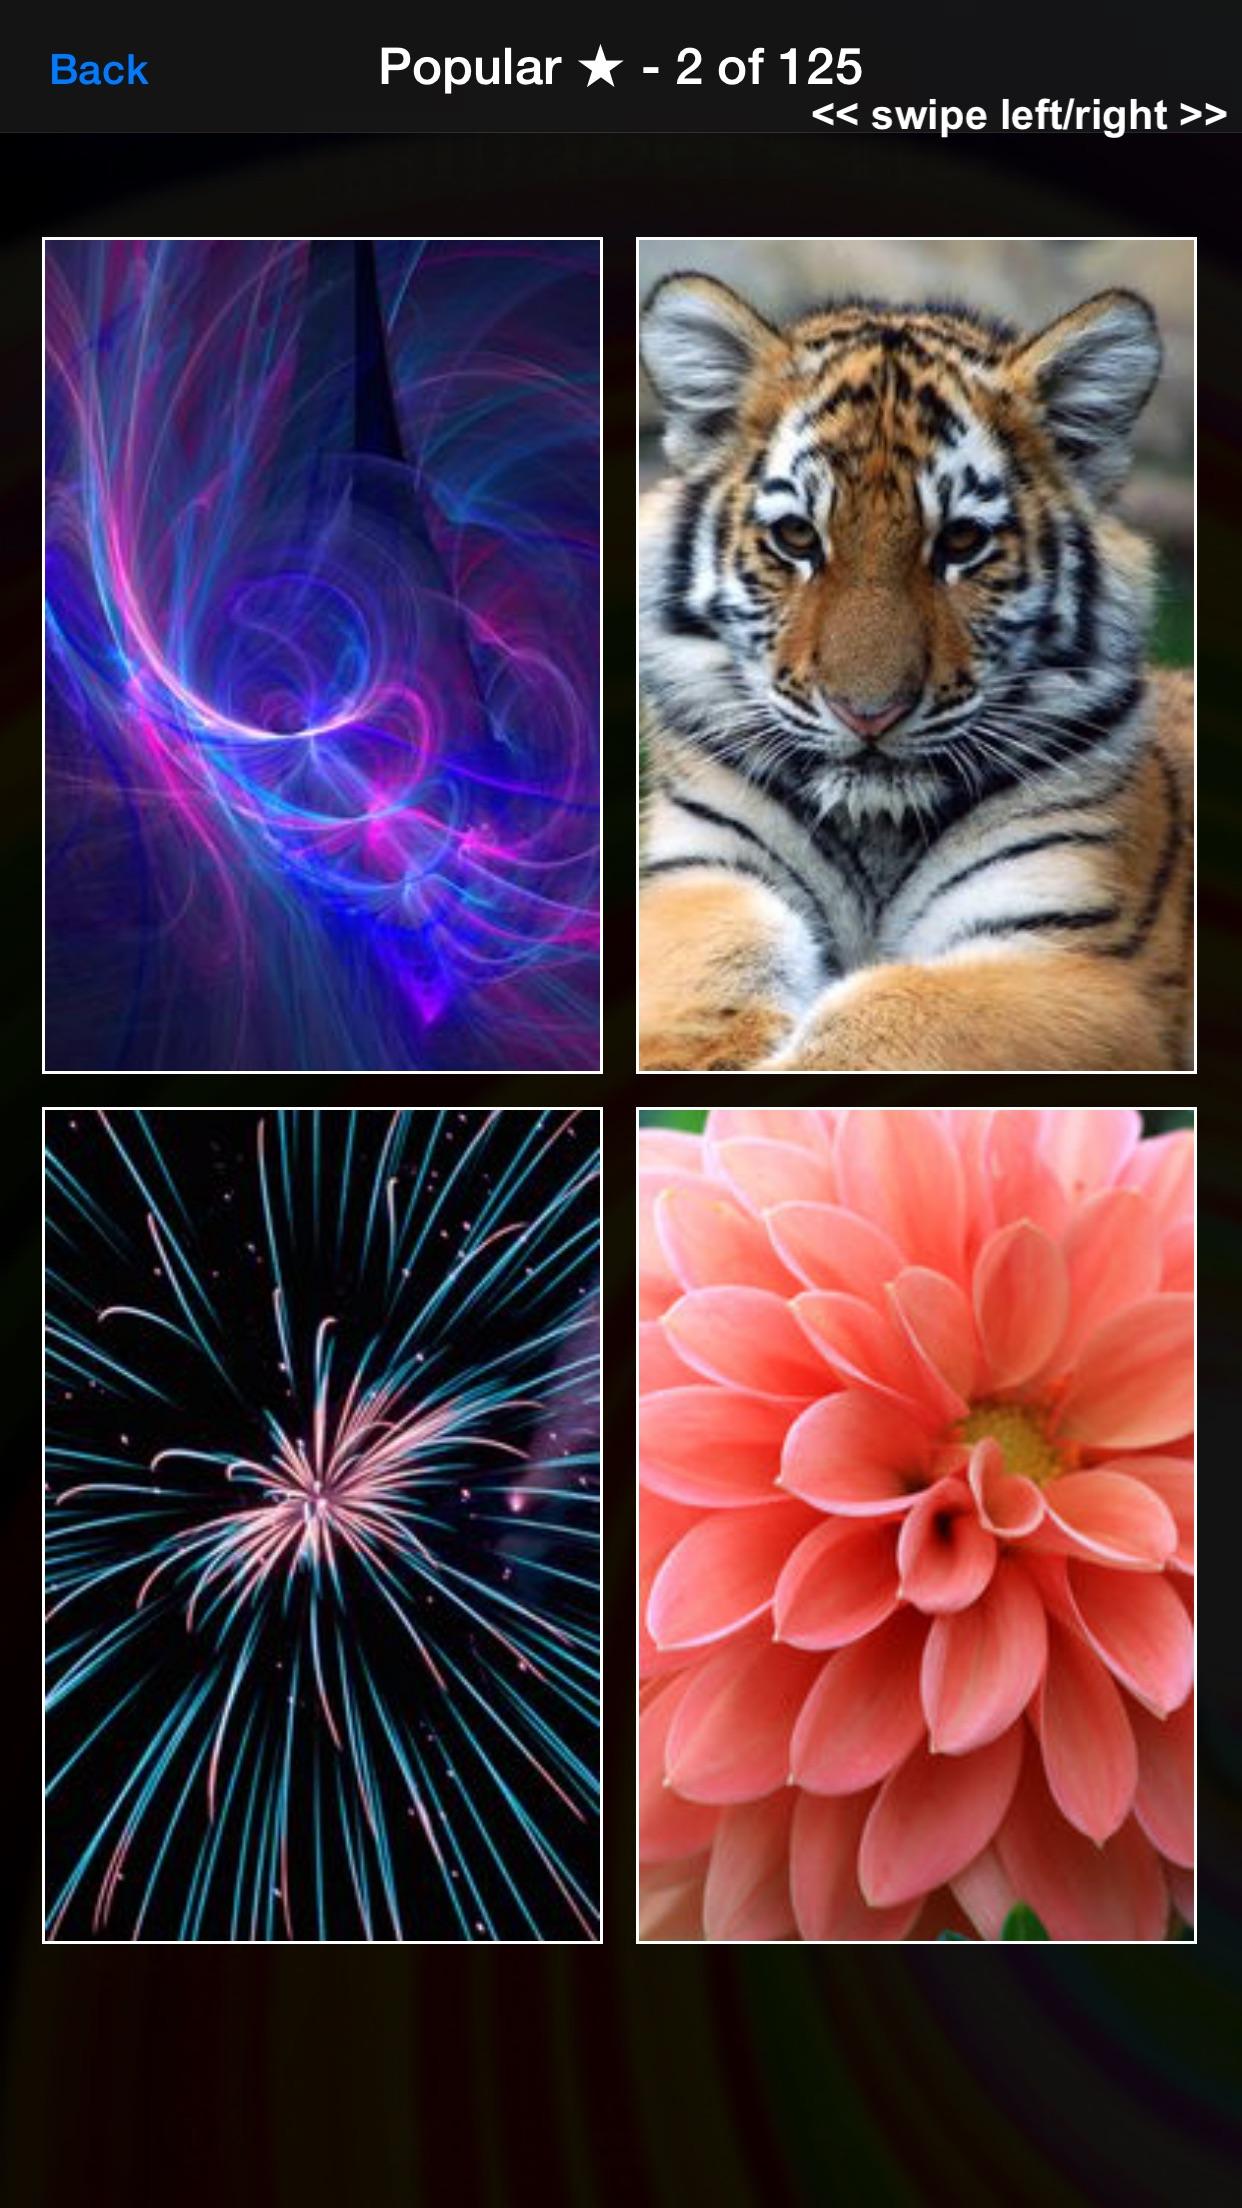 Wallpapers HD - Cool Backgrounds & Wallpaper Maker Screenshot